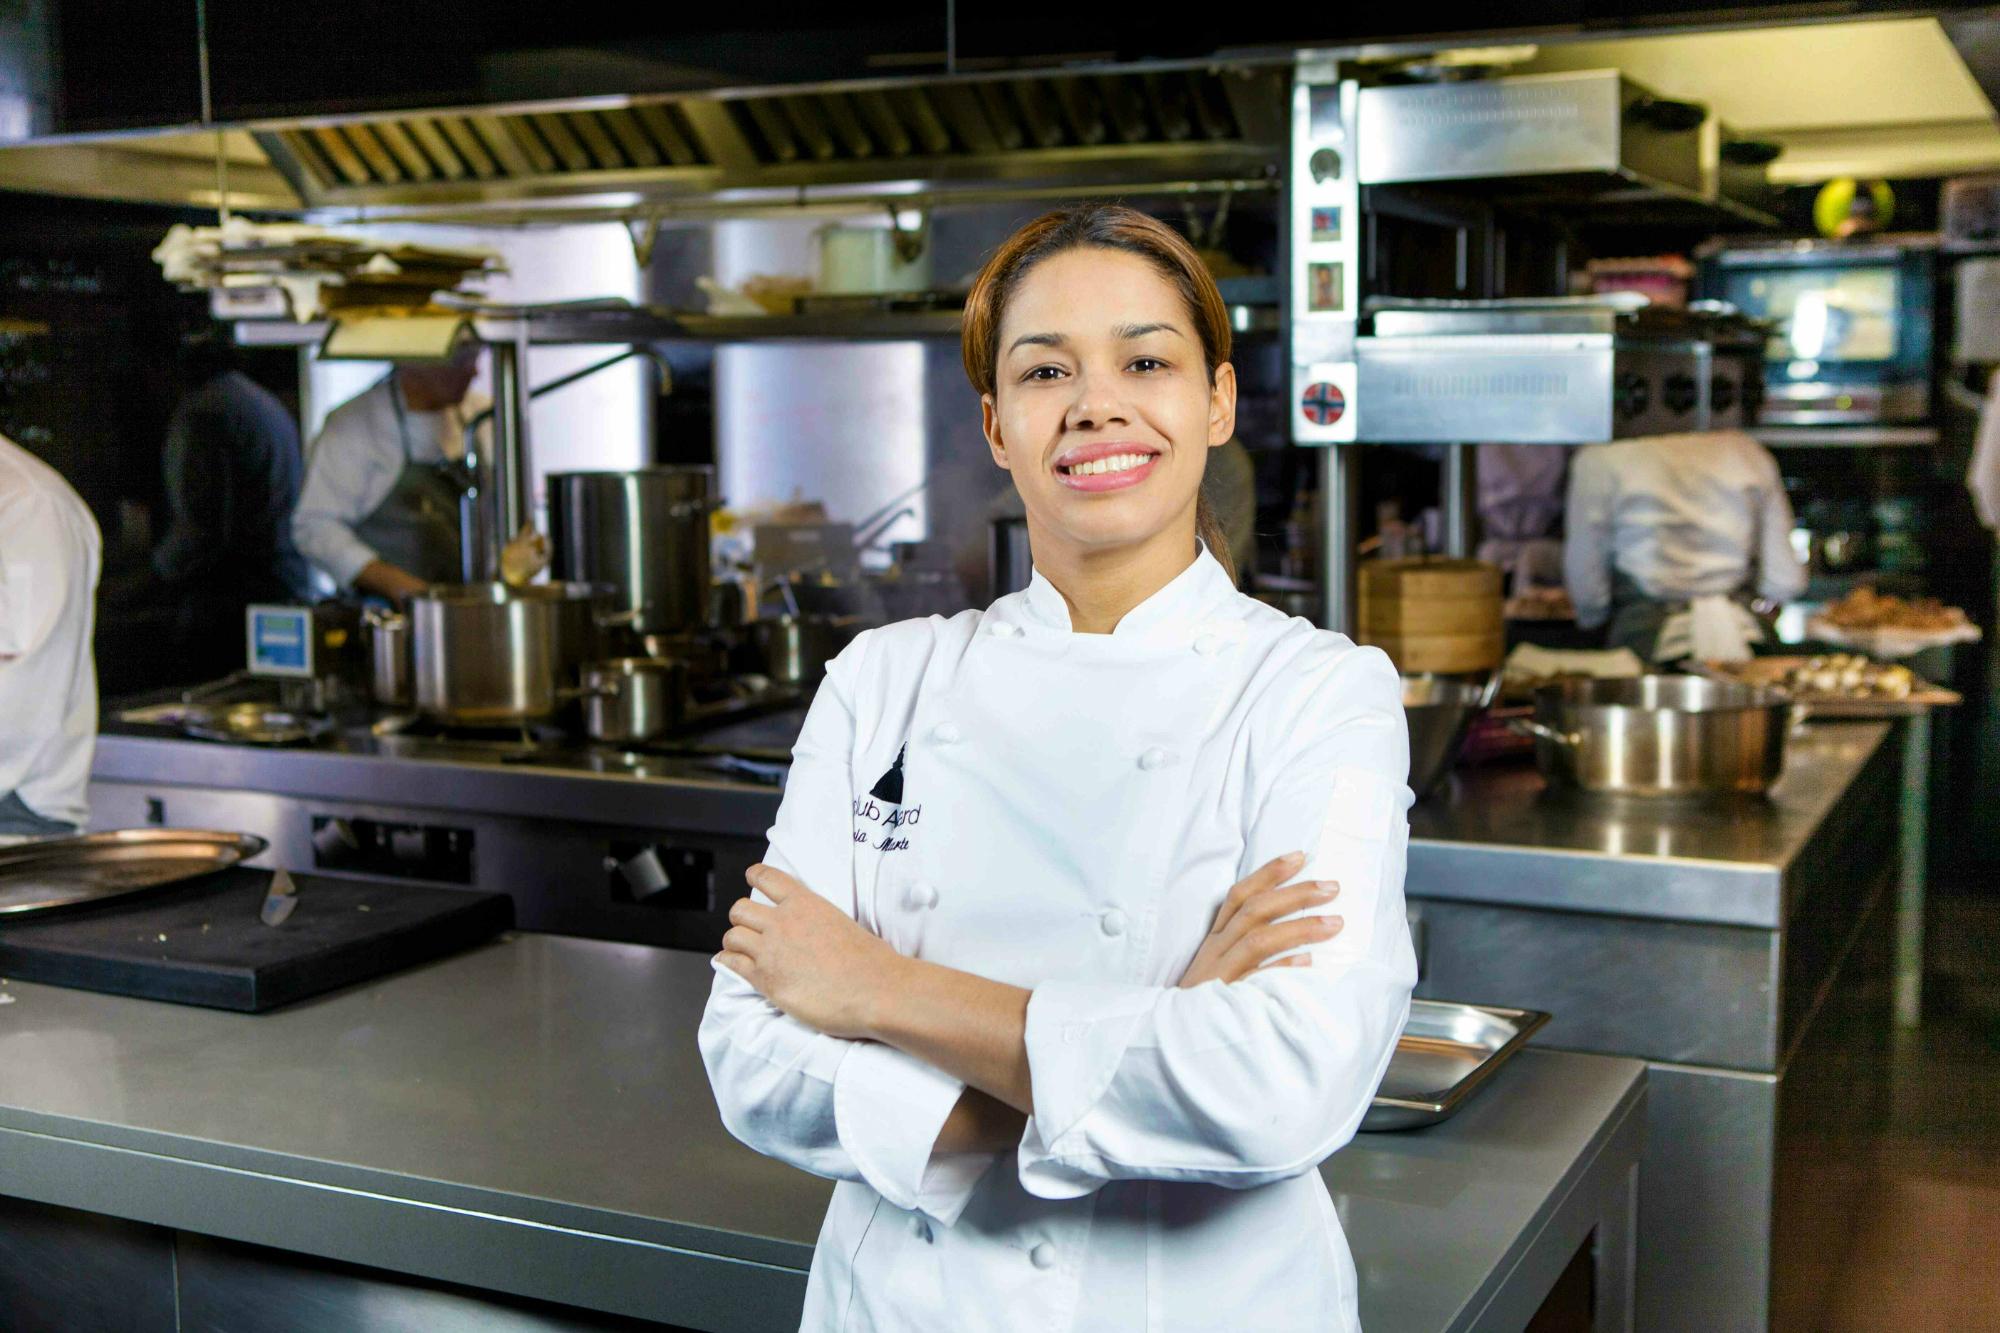 La chef dominicana Maria Marte